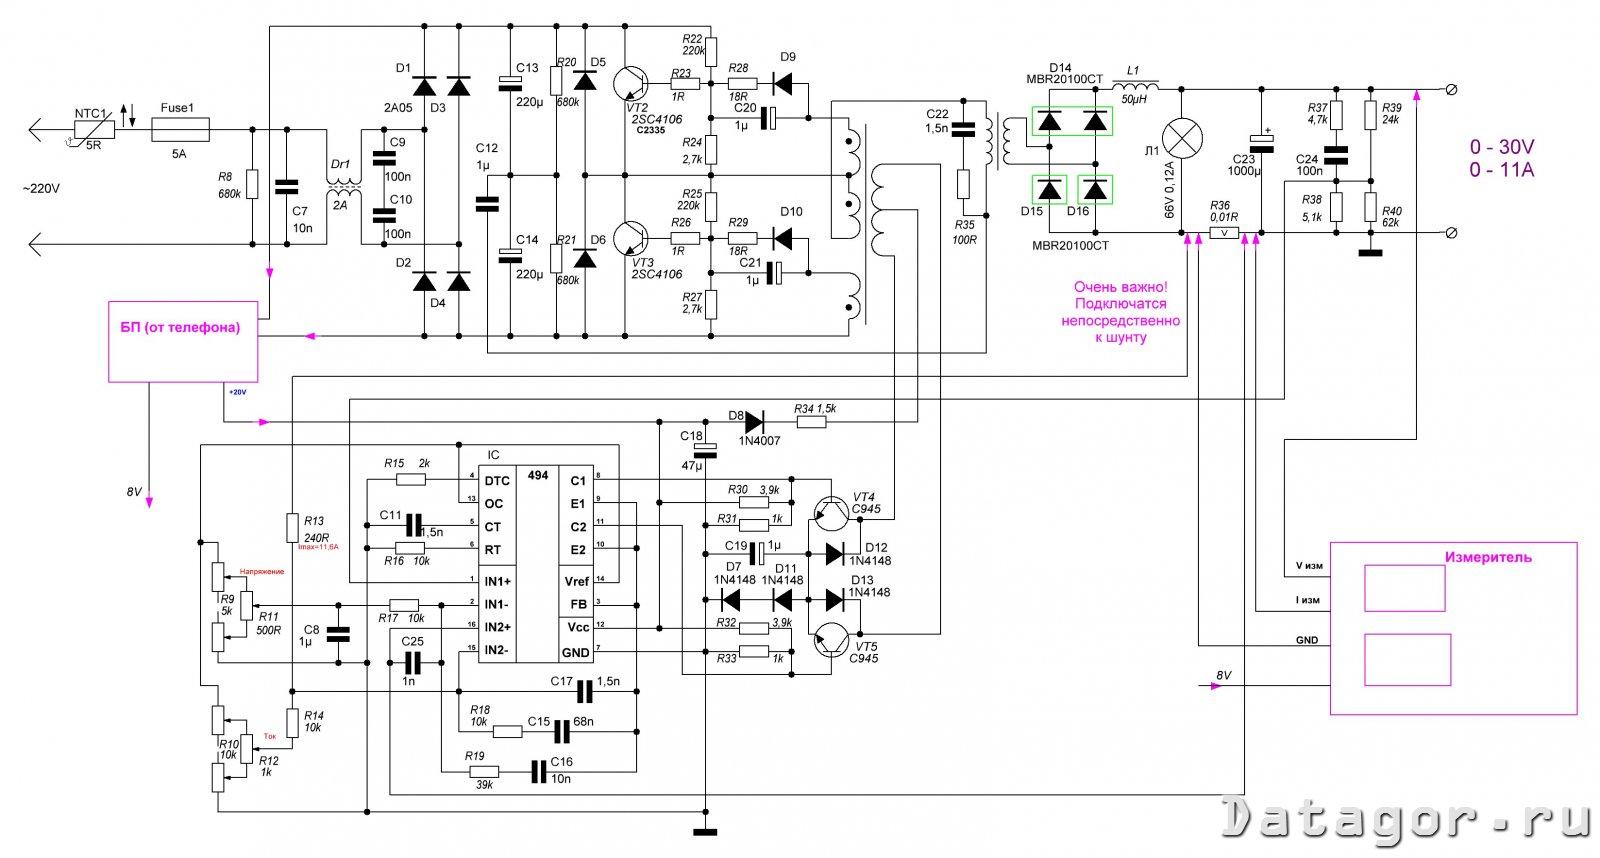 Схема блока питания радиоприемника филипс ае 2630